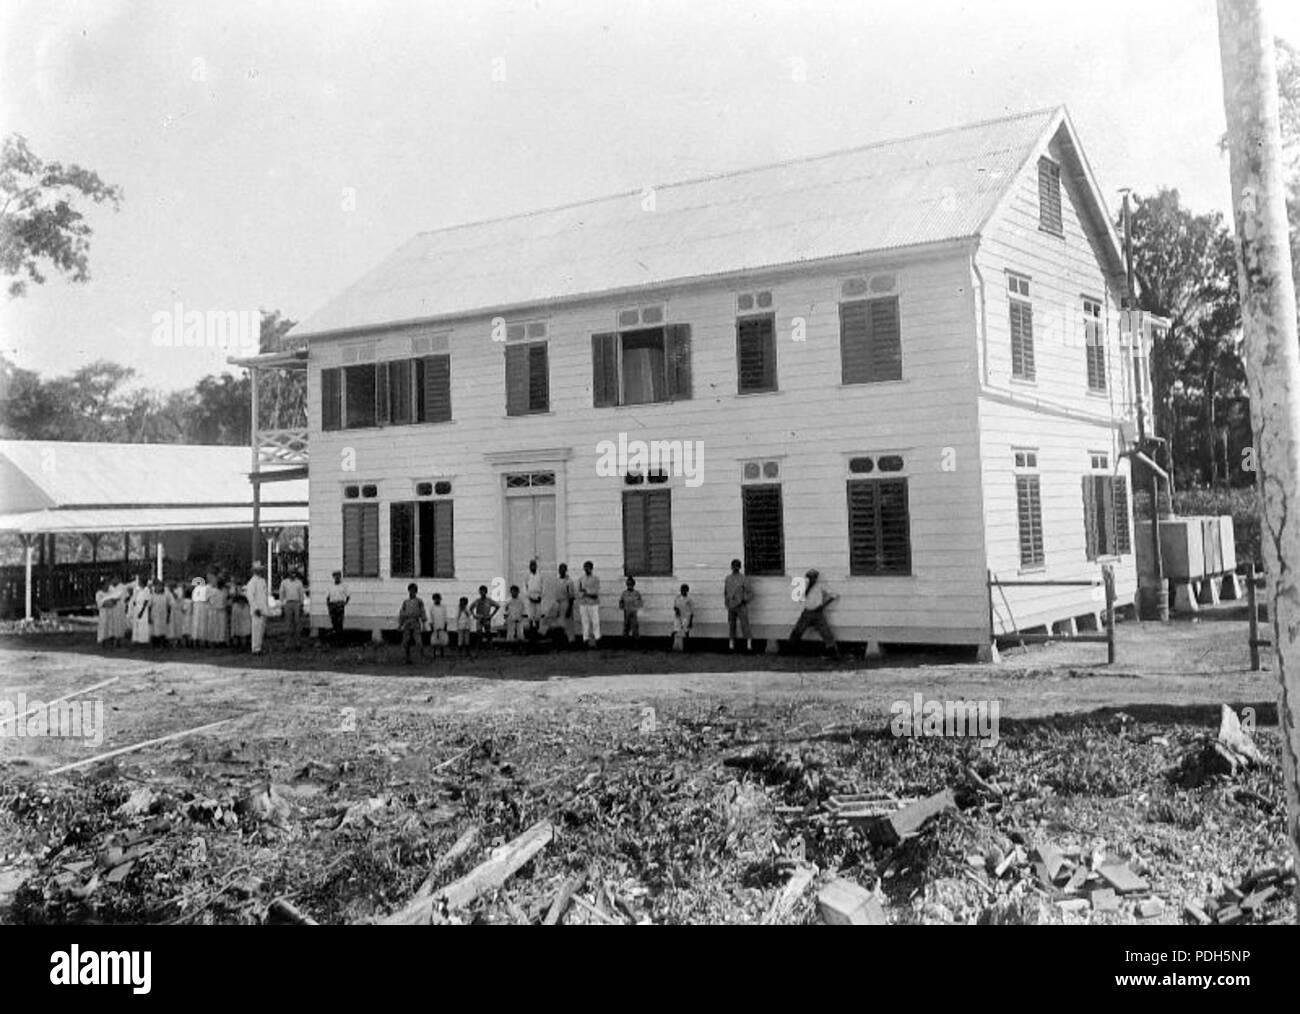 282 Rooms-Katholiek meisjes internaat in Suriname - Collectie stichting Nationaal Museum van Wereldculturen - TM-10018889 - Stock Image